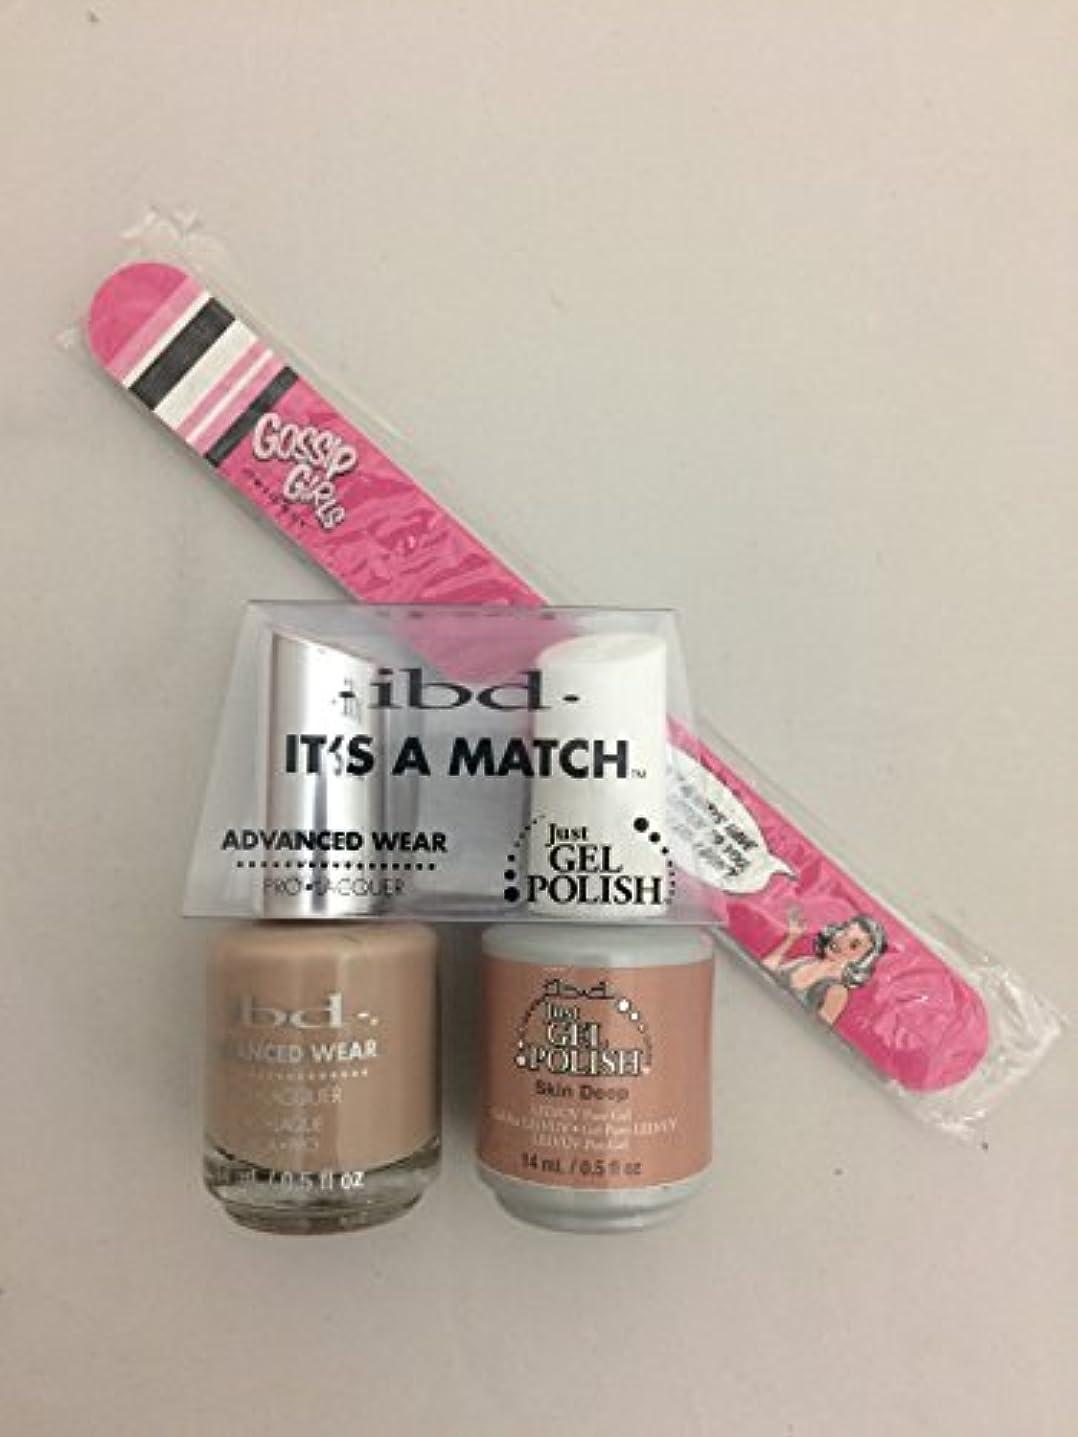 ランドマーク真空韓国語ibd - It's A Match -Duo Pack- Nude Collection - Skin Deep - 14 mL / 0.5 oz Each